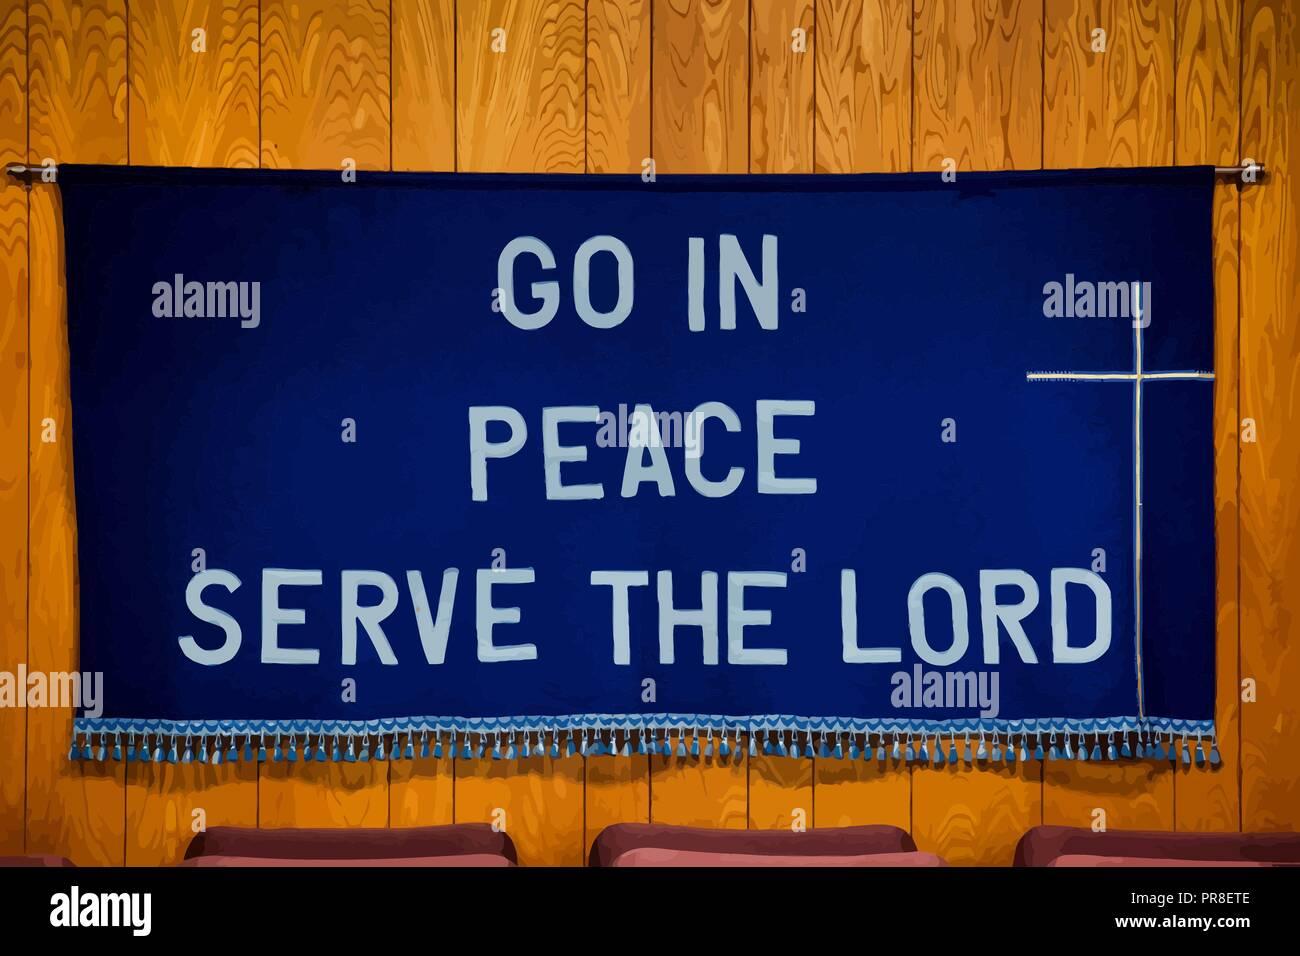 """""""Gehe hin in Frieden dienen dem Herrn' auf dunkelblauem Tuch mit einem weißen Kreuz auf der rechten Seite, Quasten alle entlang der Unterseite des Stoffes. Stockbild"""